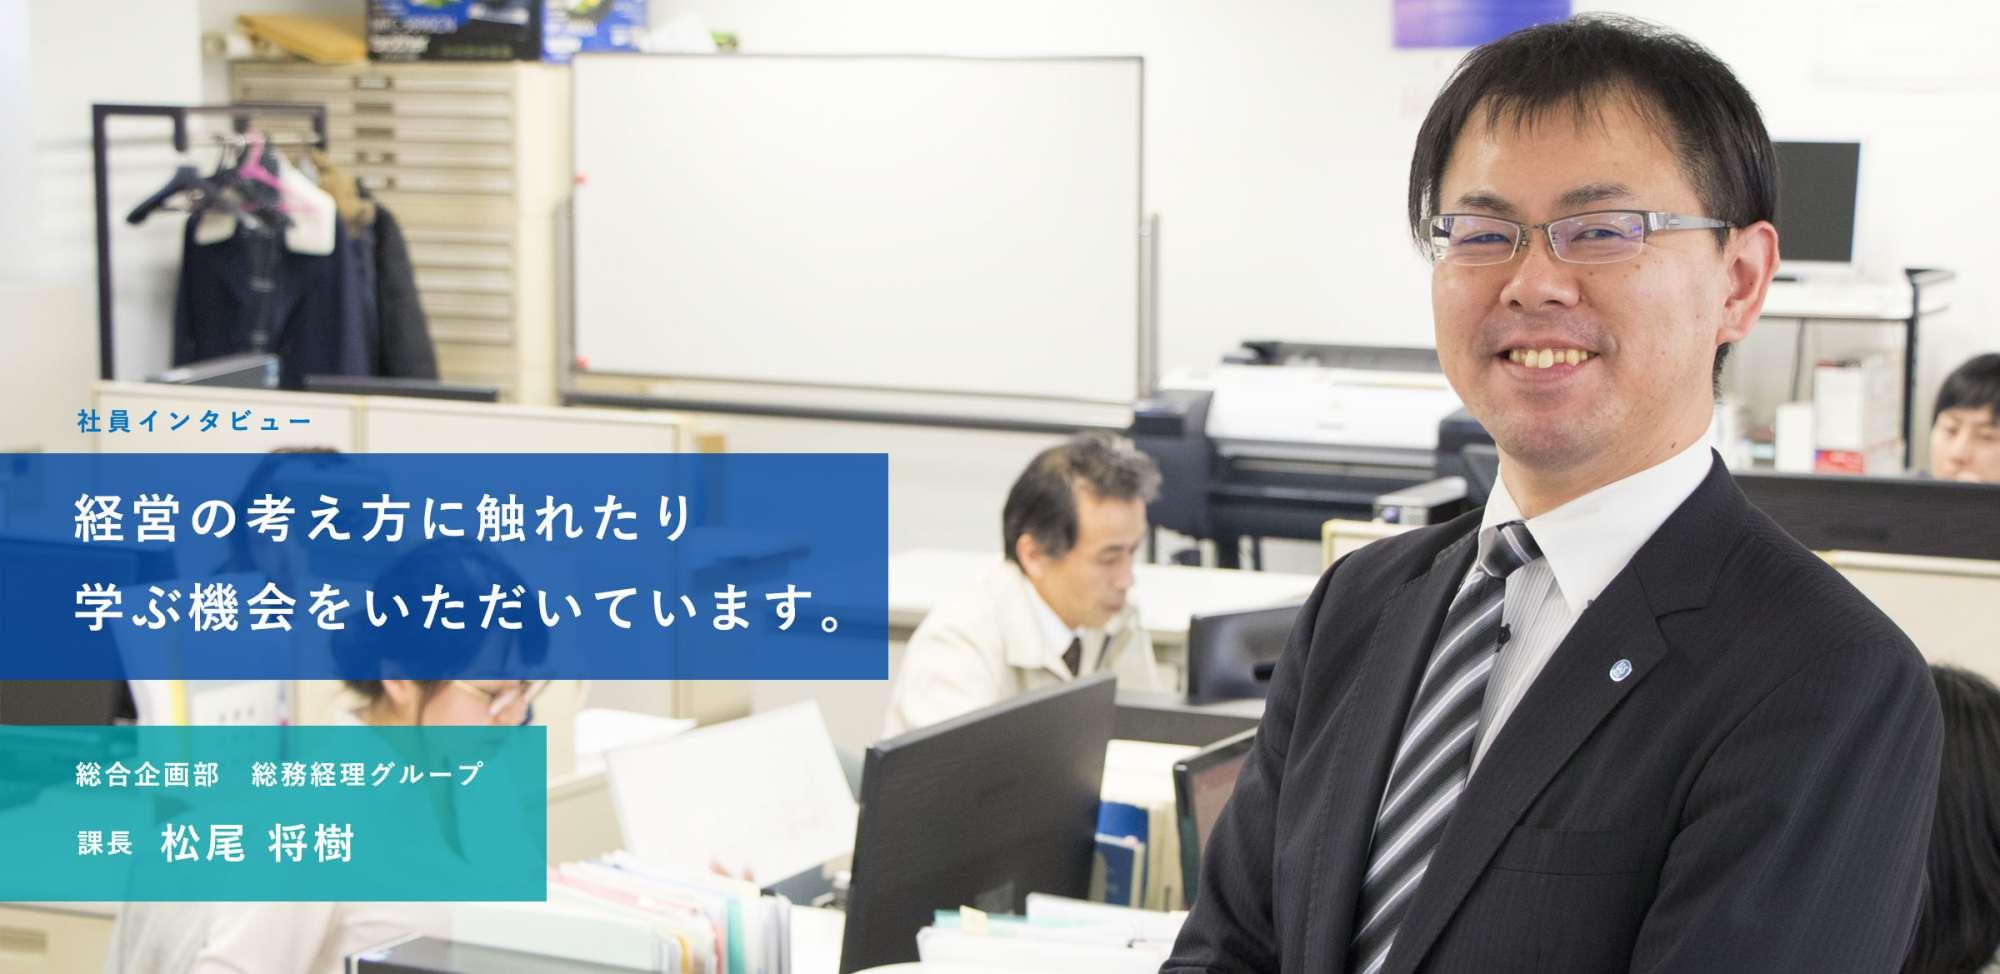 経営の考え方に触れたり学ぶ機会をいただいています。総合企画部 総務経理グループ課長 松尾 将樹